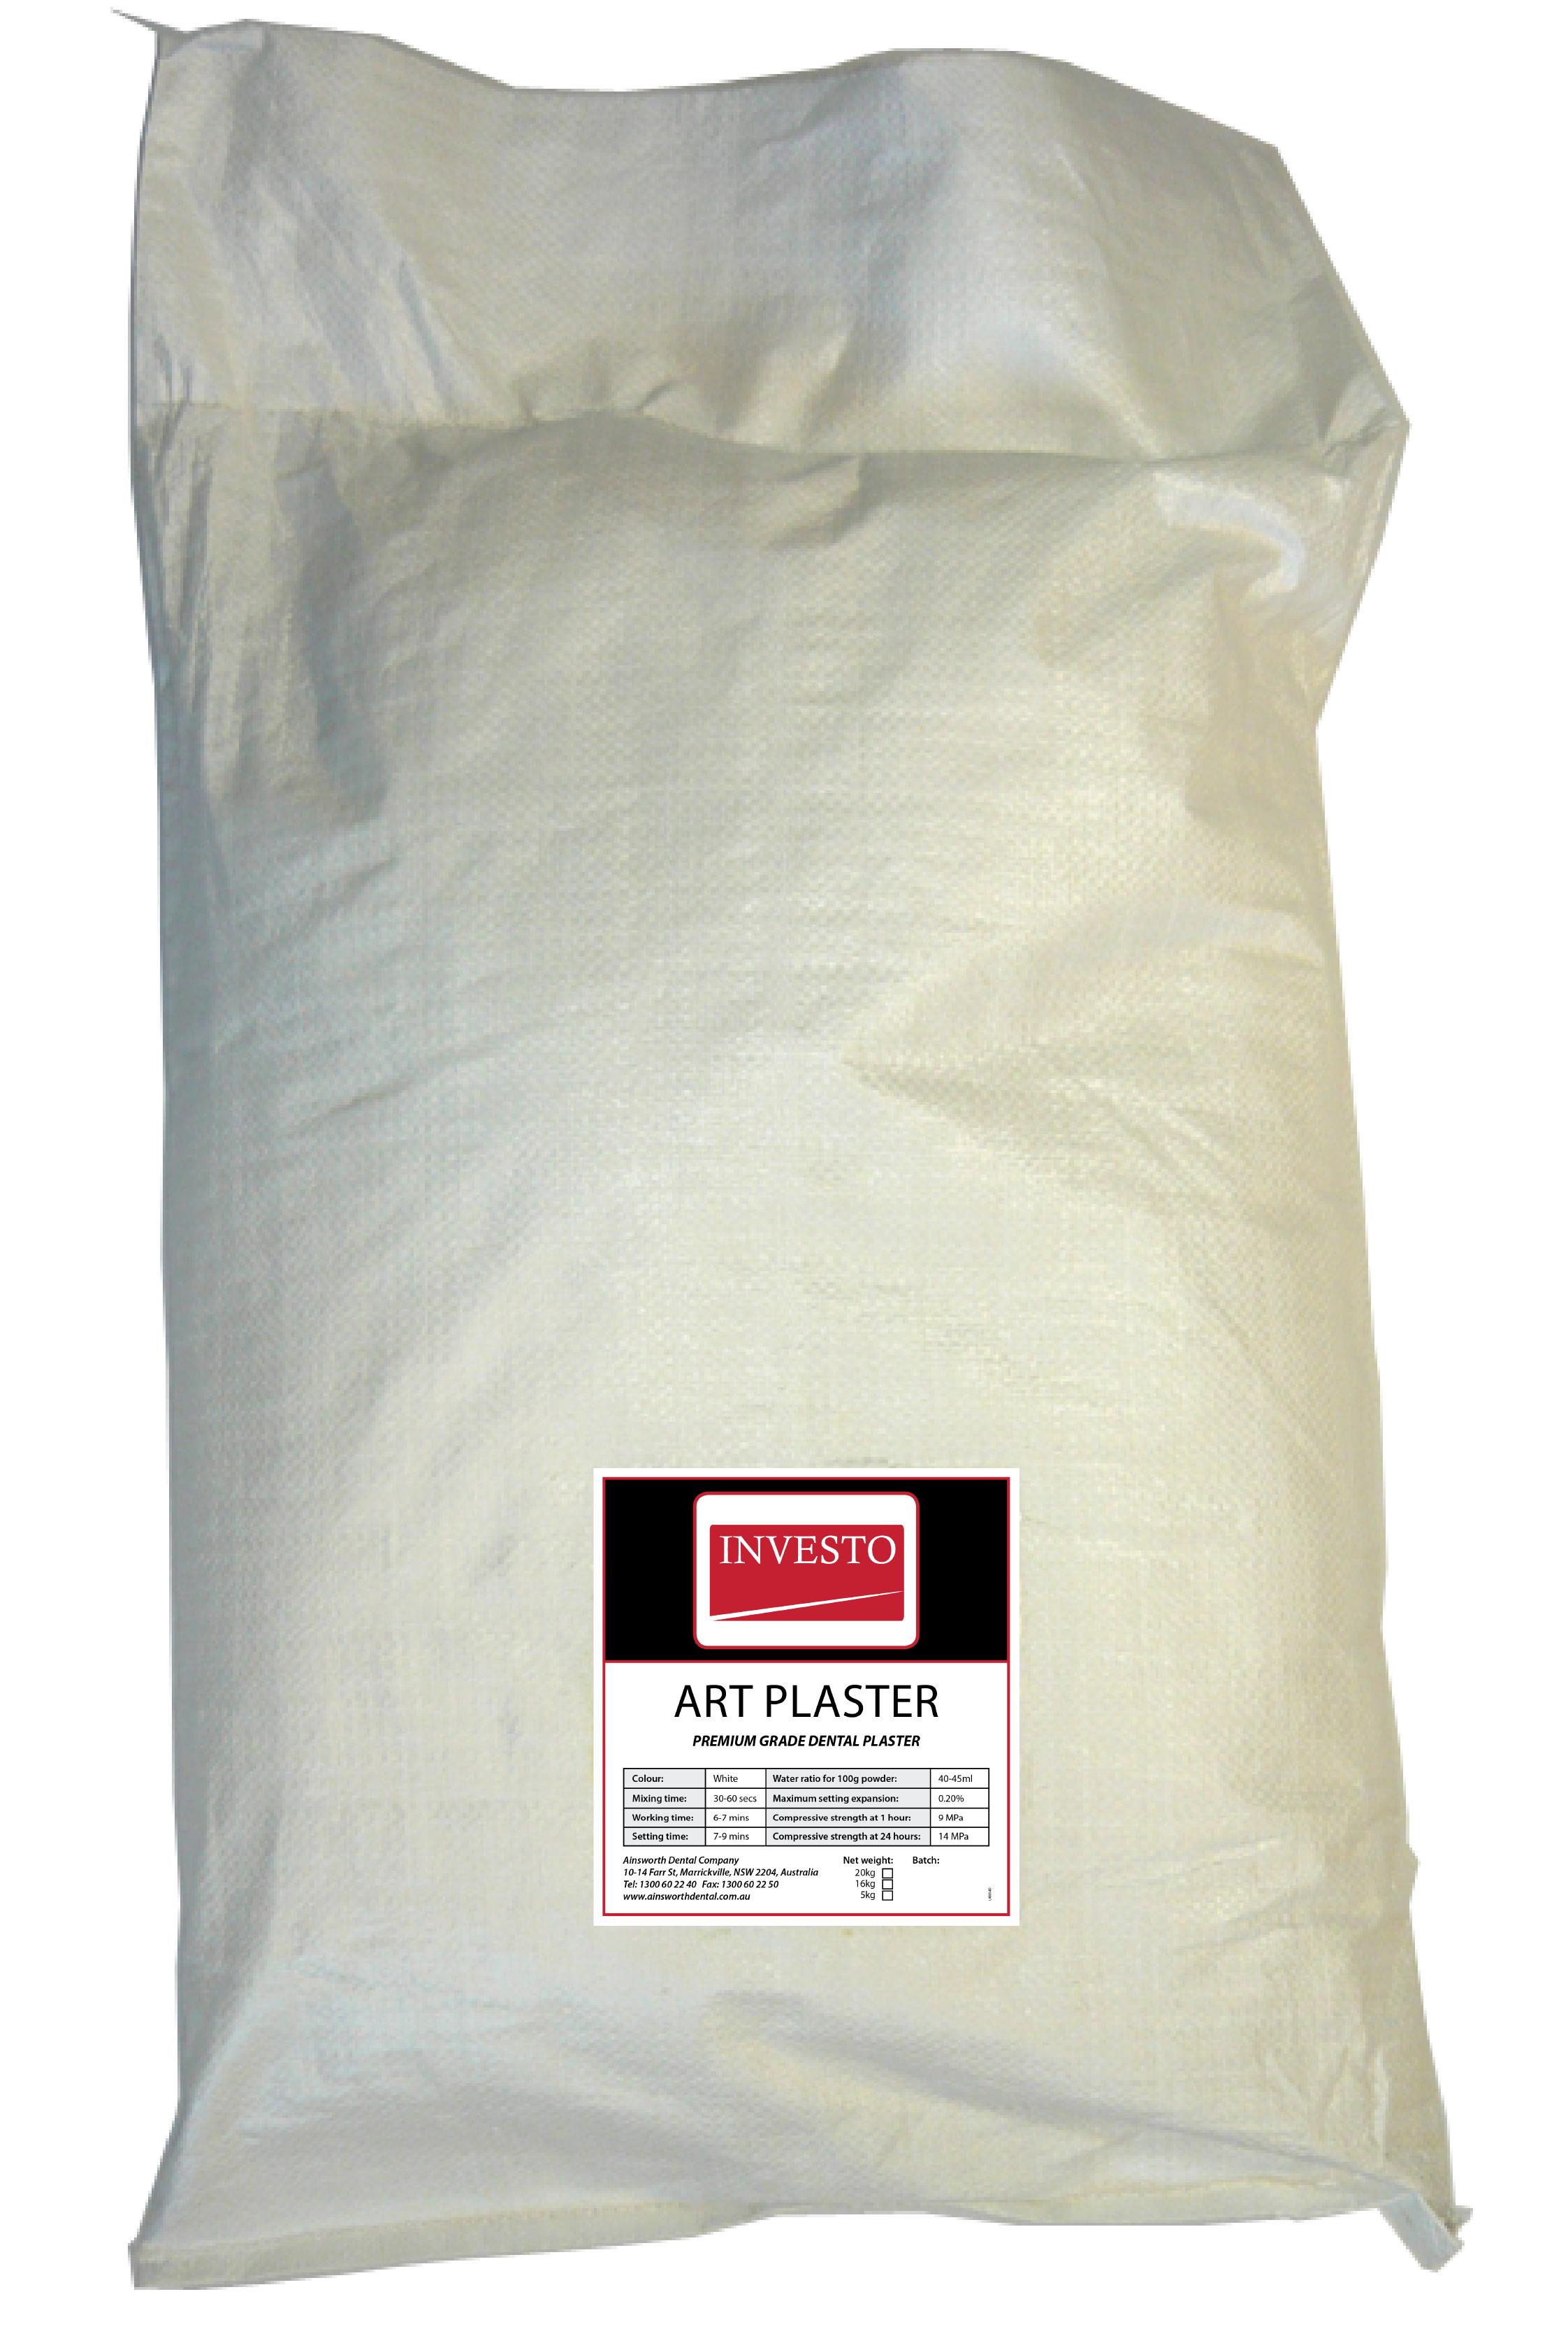 Investo Art Plaster 20kg Bag